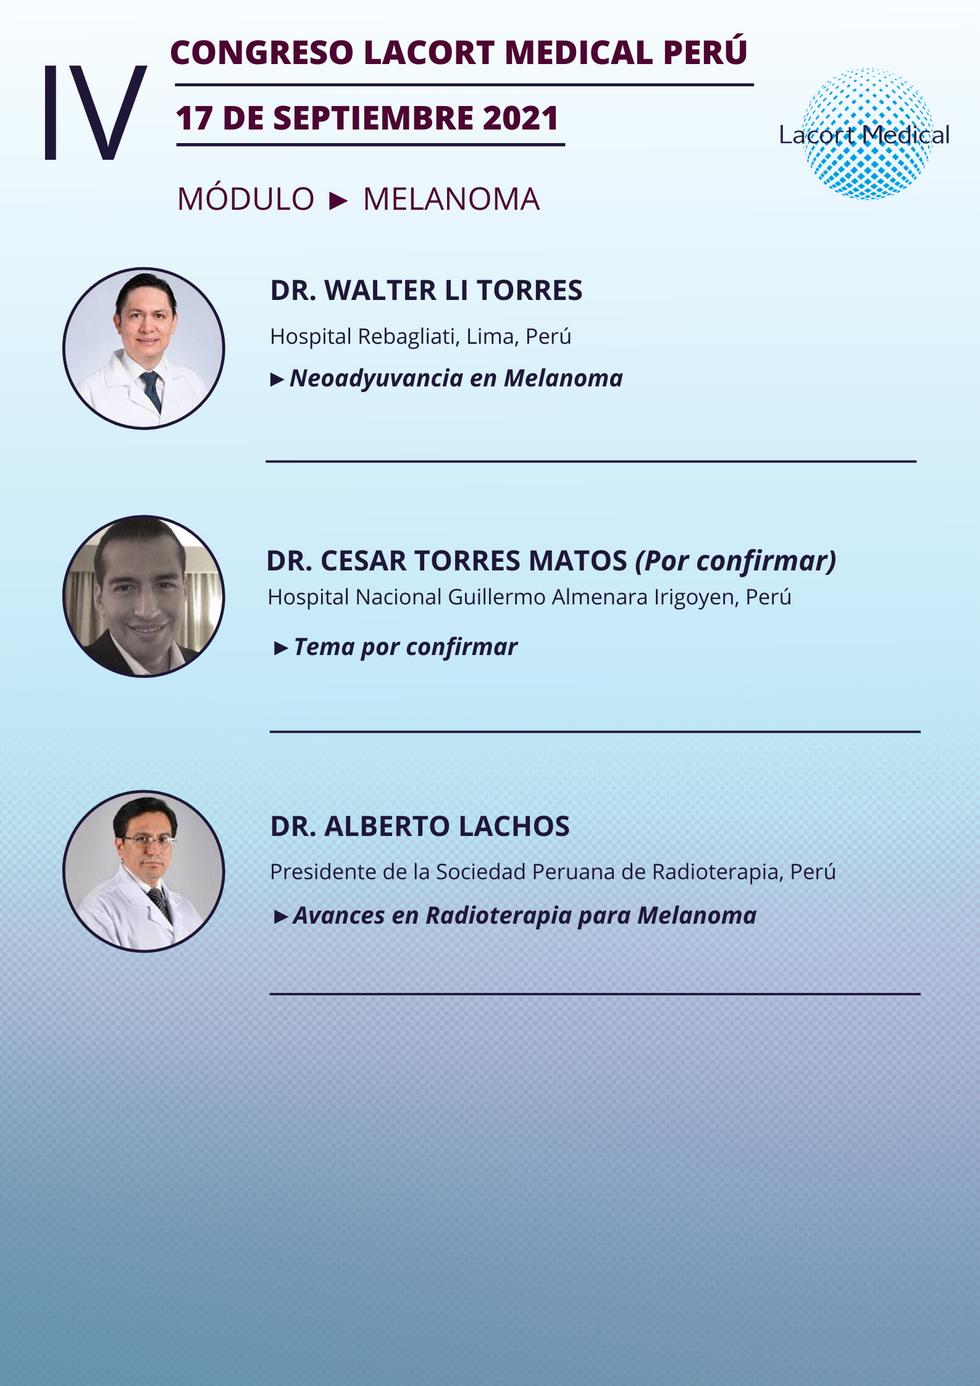 Agenda Preliminar IV Congreso LACORT Perú 2021 (1).png